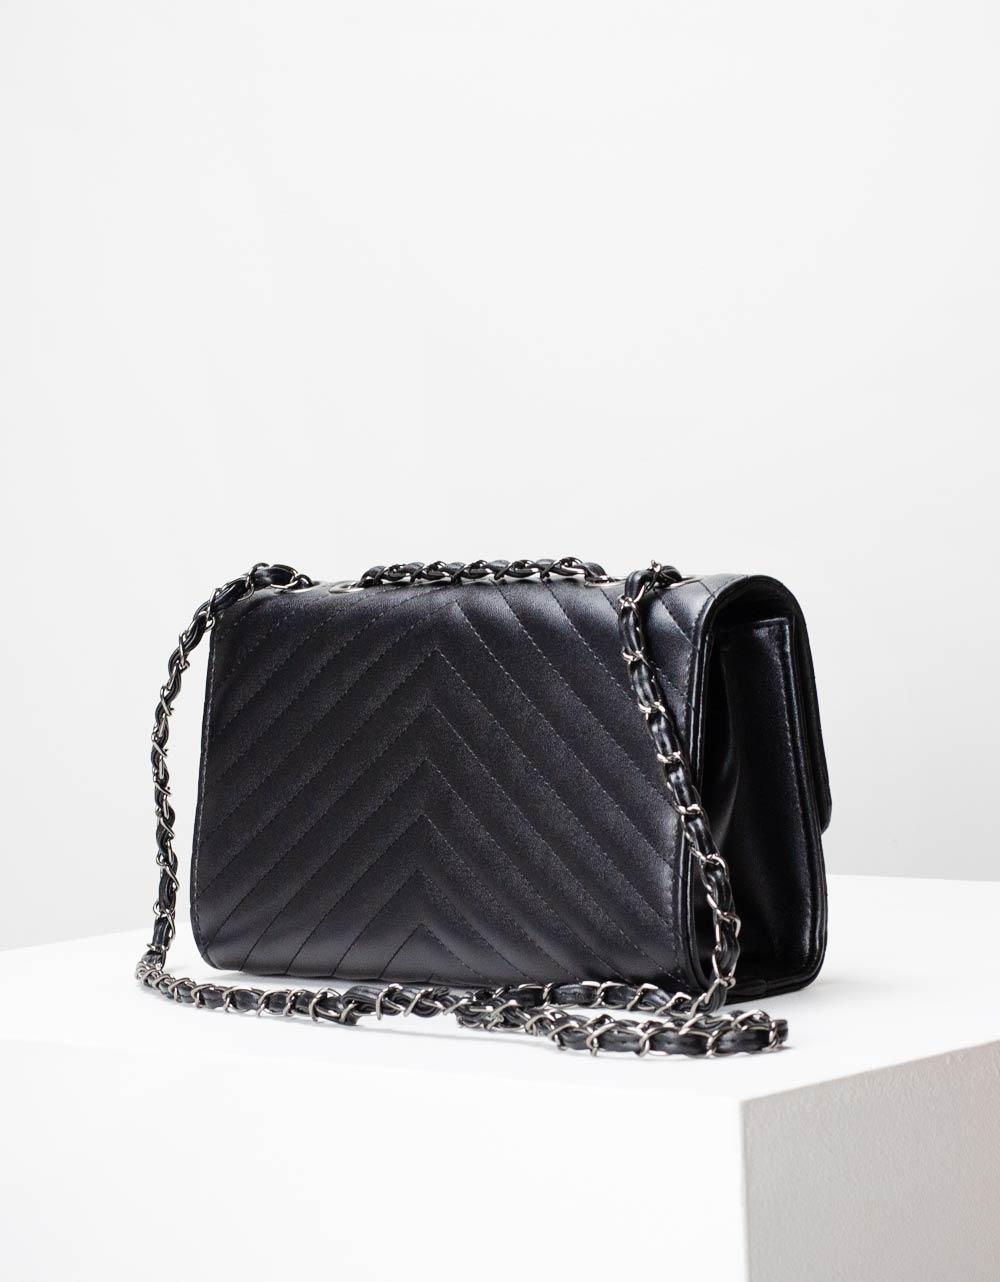 Εικόνα από Γυναικείες τσάντες ώμου μονόχρωμη καπιτονέ Μαύρο